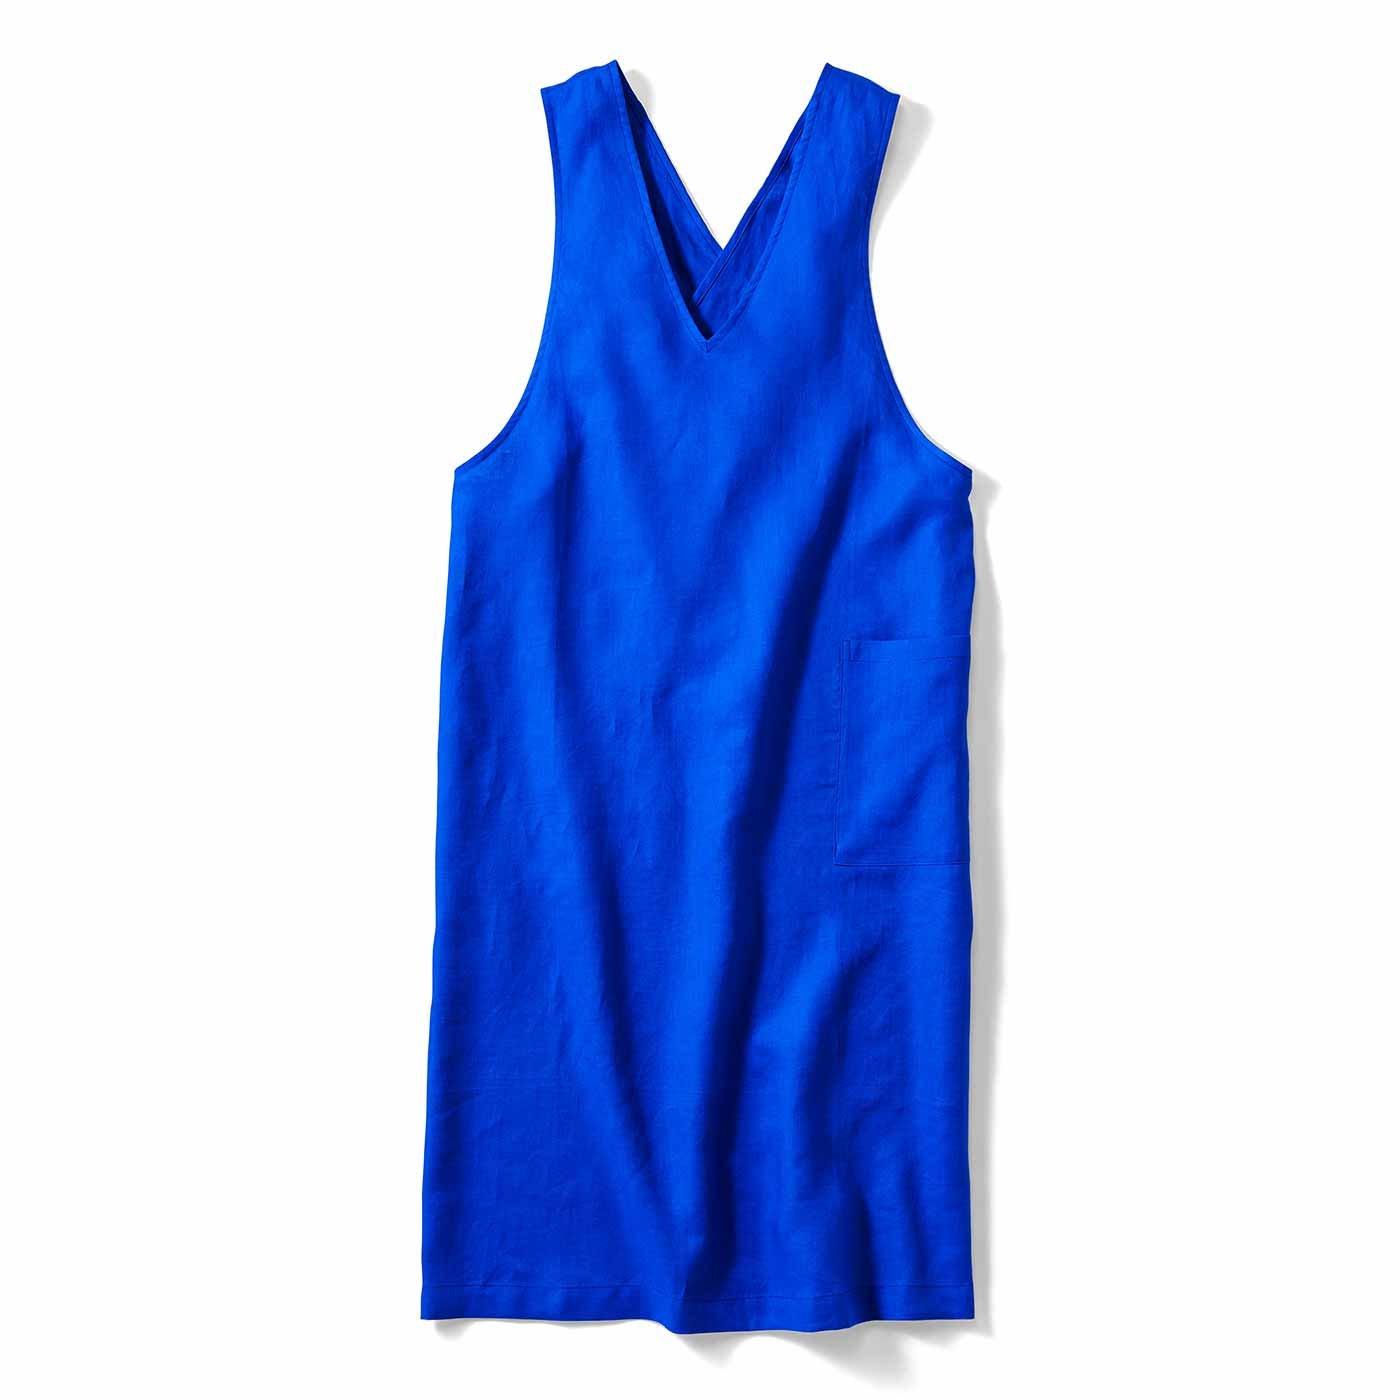 IEDIT[イディット] 麻混素材のジャンパースカート風エプロン〈ロイヤルブルー〉